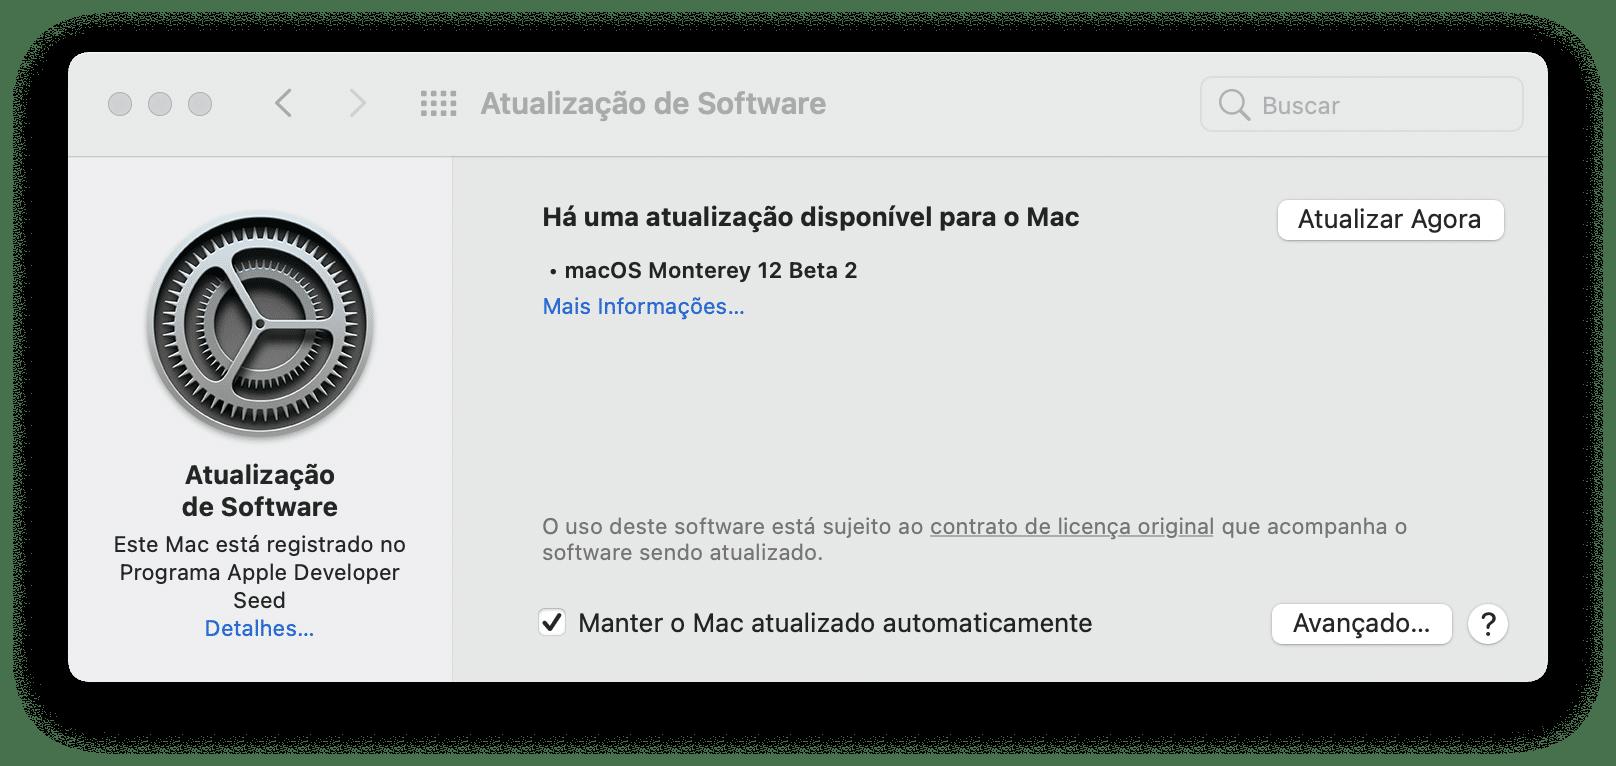 macOS Monterey 12 beta 2